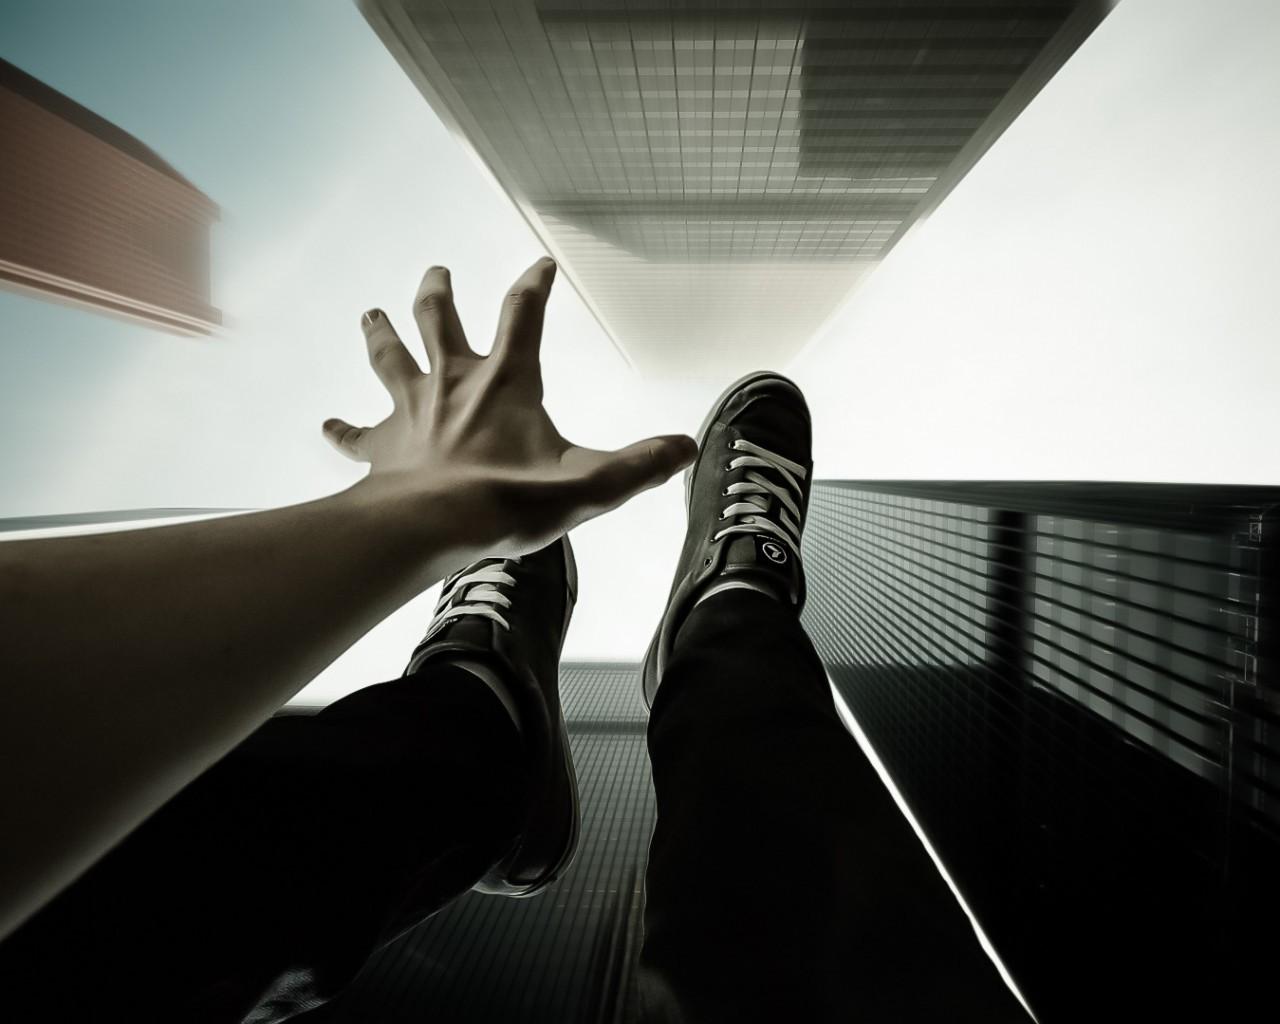 20123 скачать обои Юмор, Города, Фон - заставки и картинки бесплатно